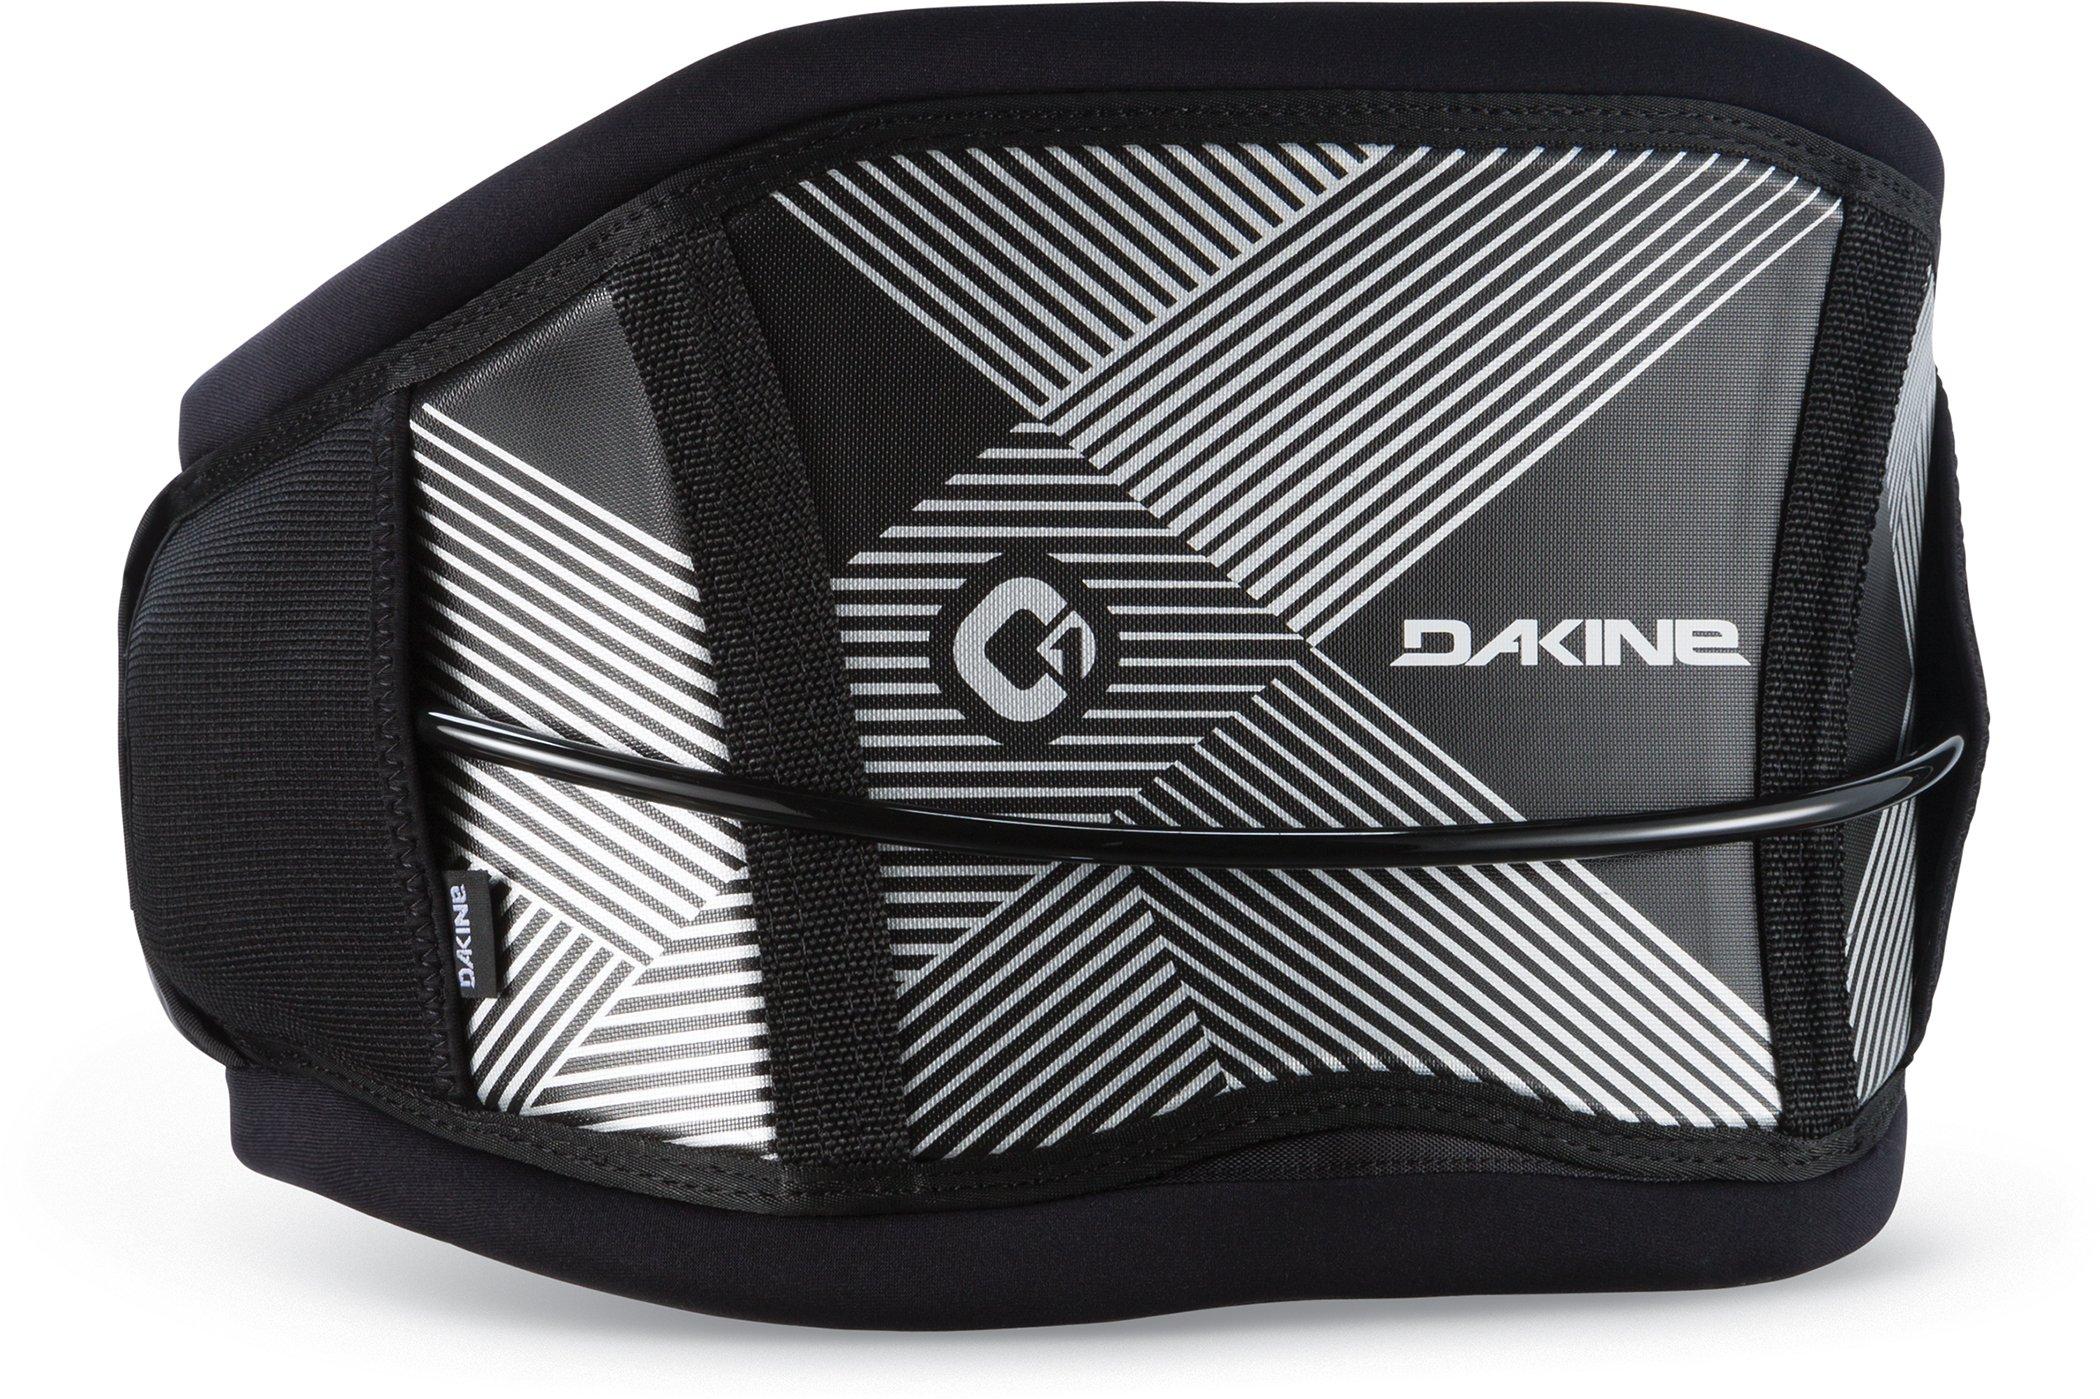 Dakine Men's C-1 Hammerhead Kite Harness, Black, XS by Dakine